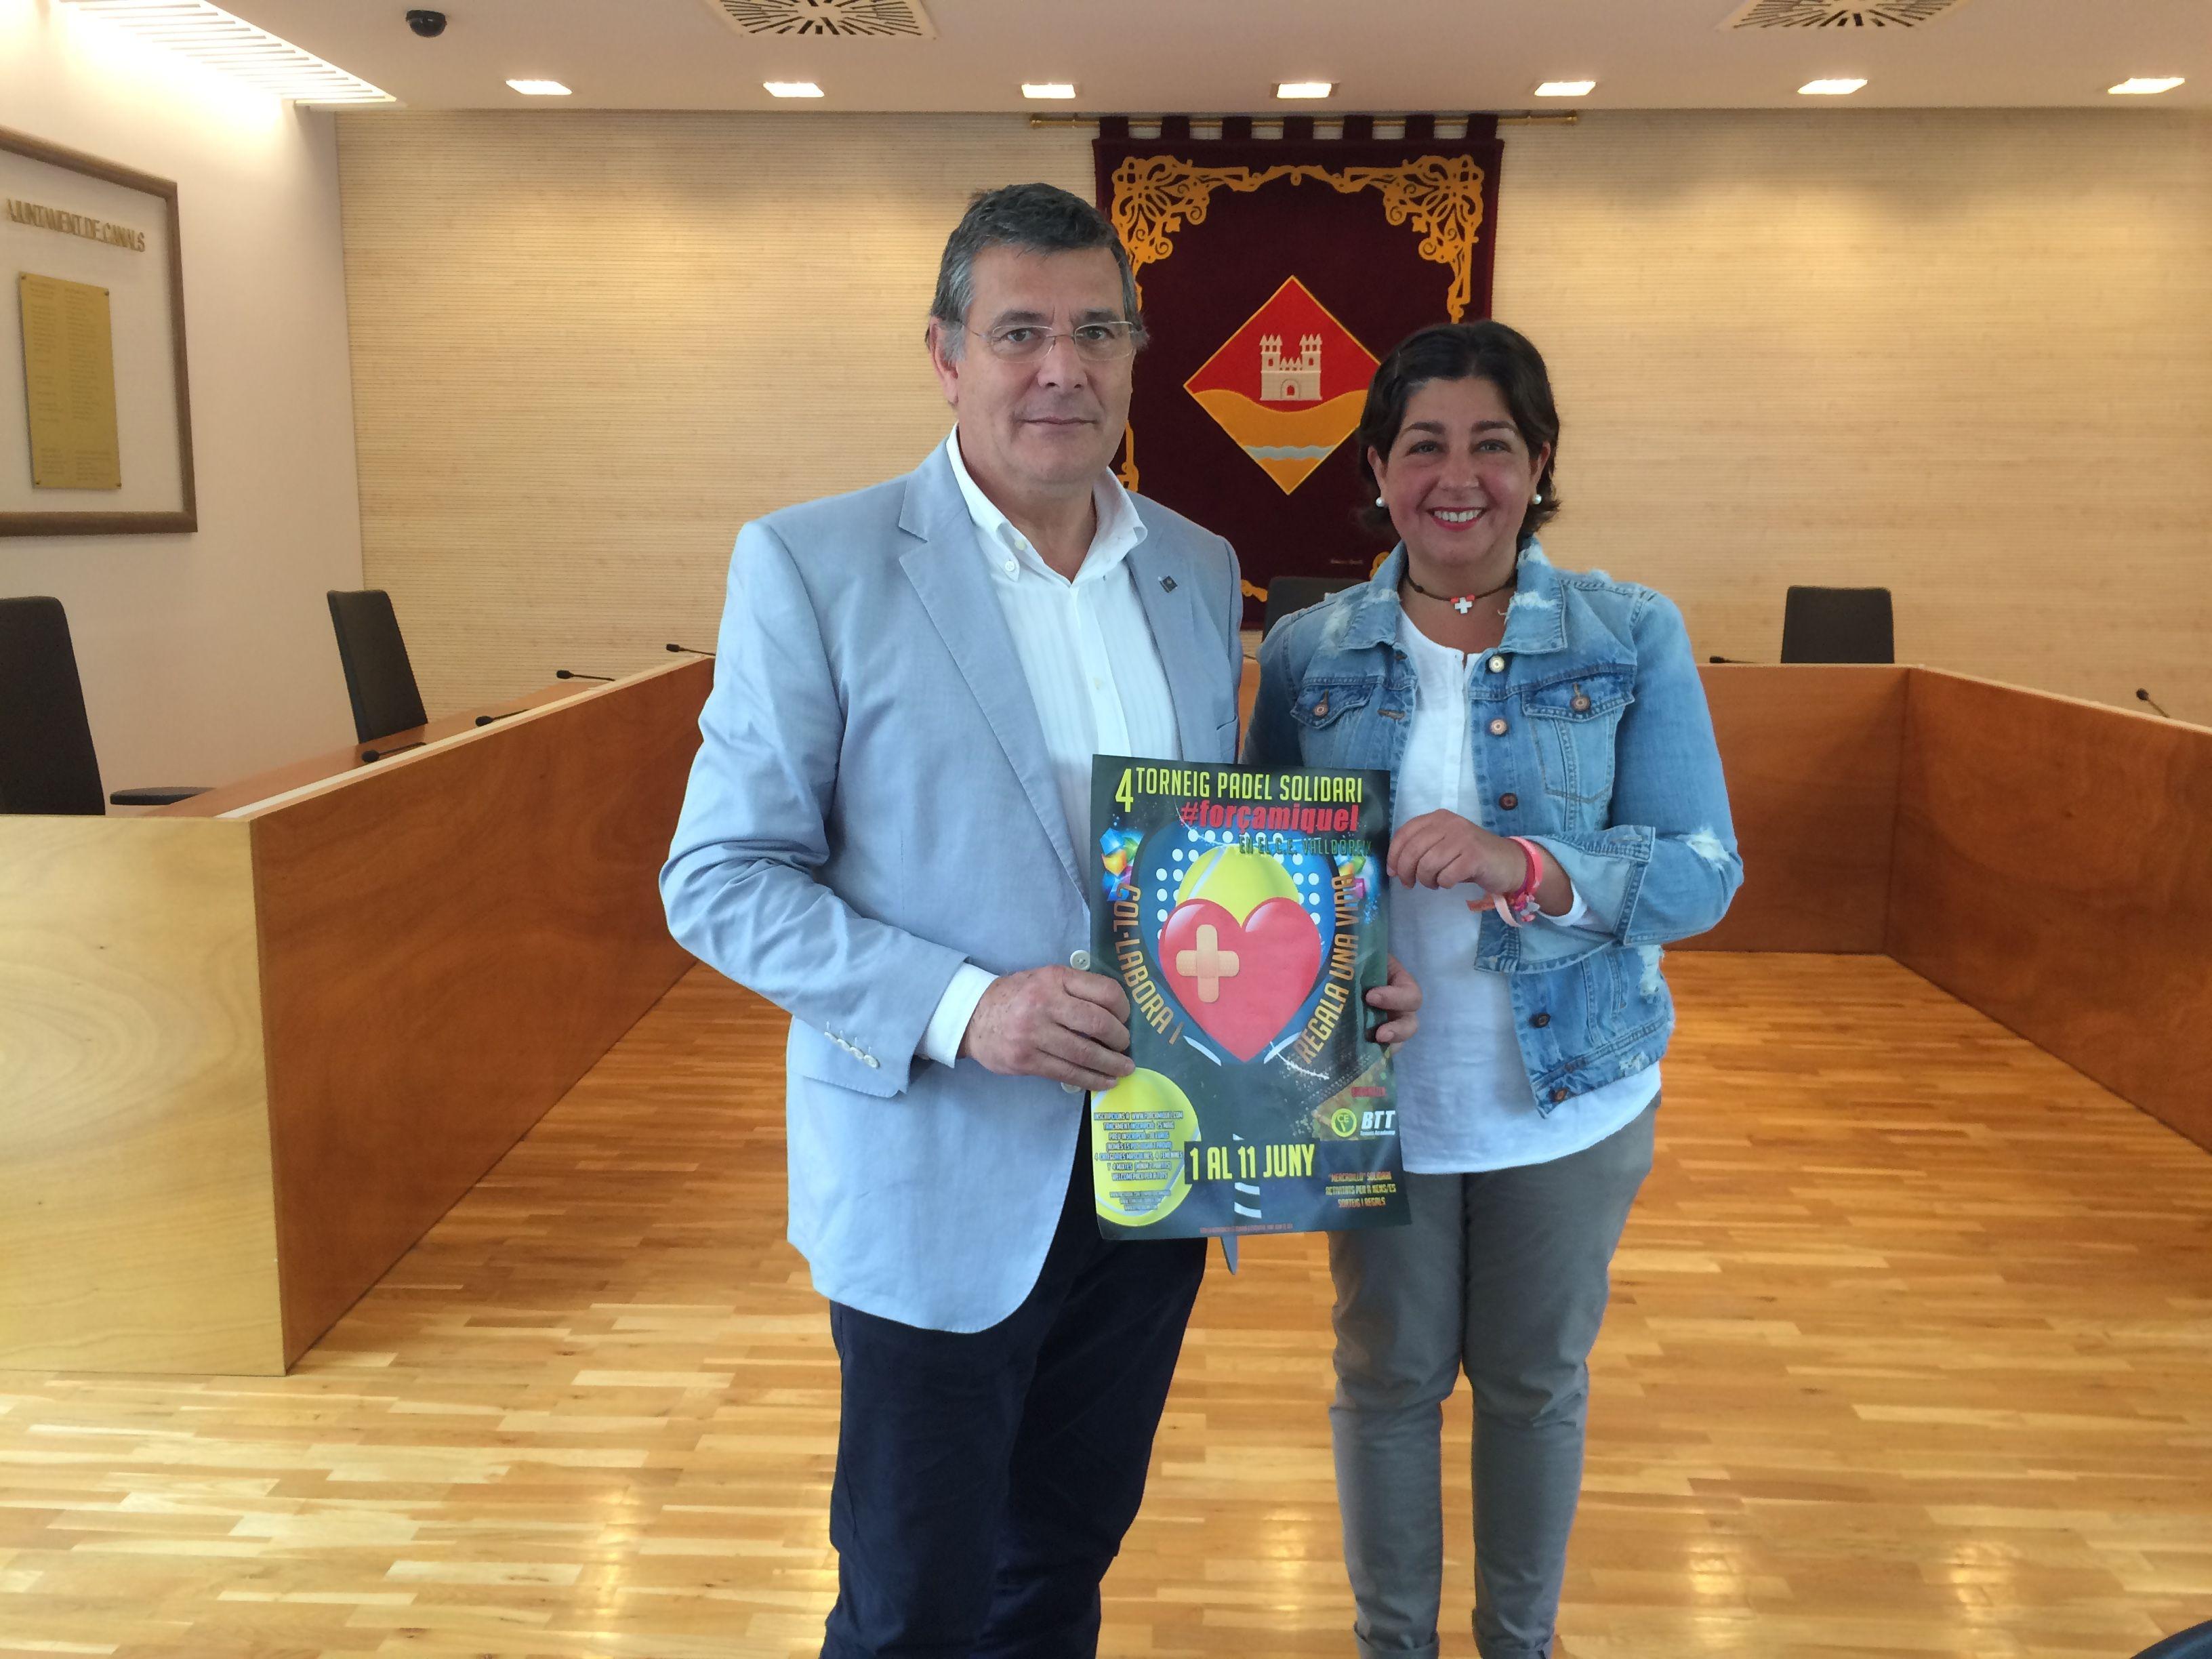 L'EMD de Valldoreix ha lliurat 3.000 euros al Torneig Força Miquel FOTO: Àlex López Puig